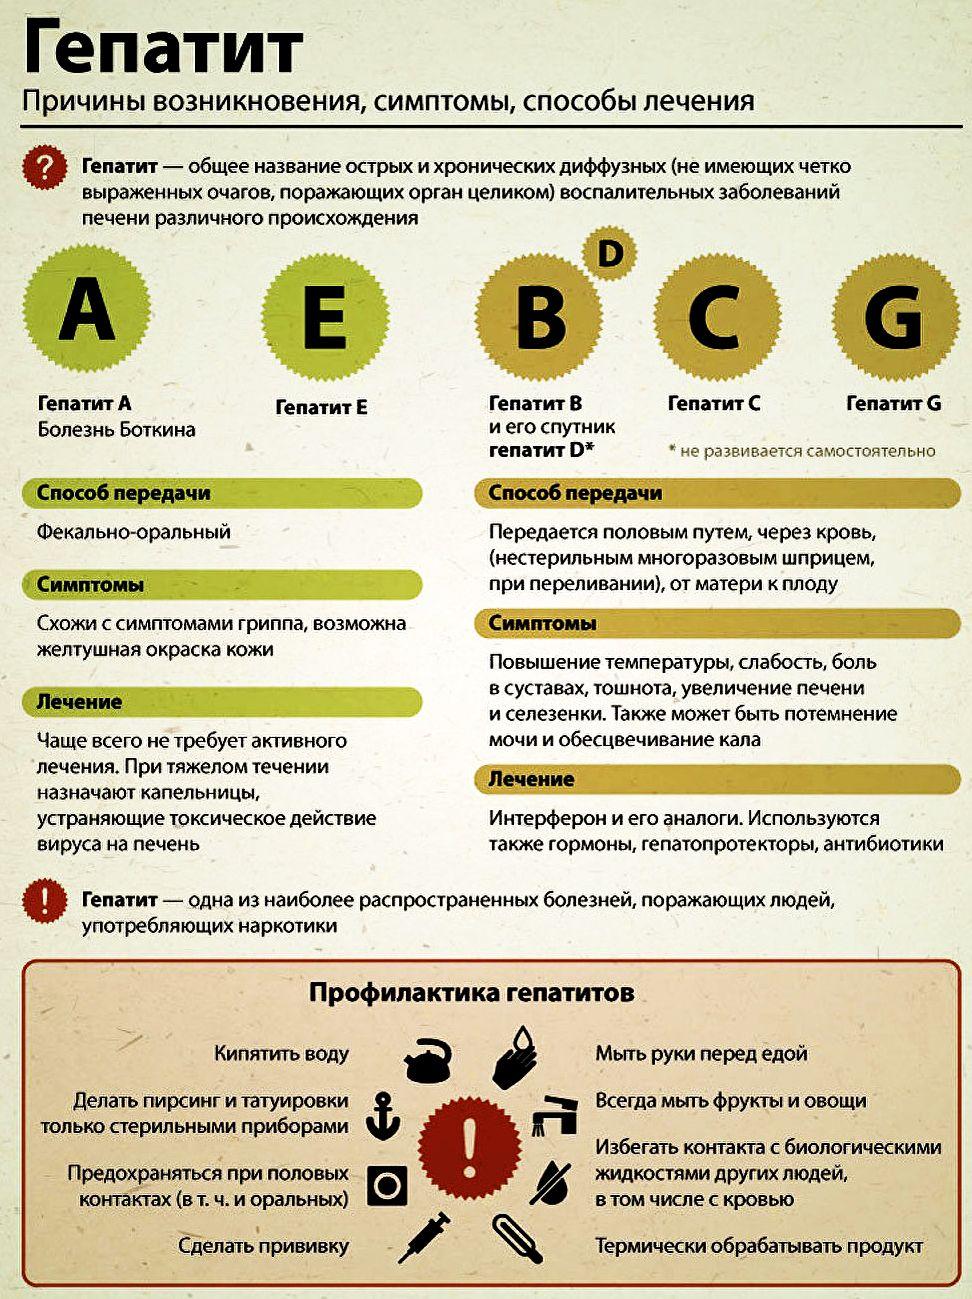 Все виды и формы гепатита, их признаки и симптомы